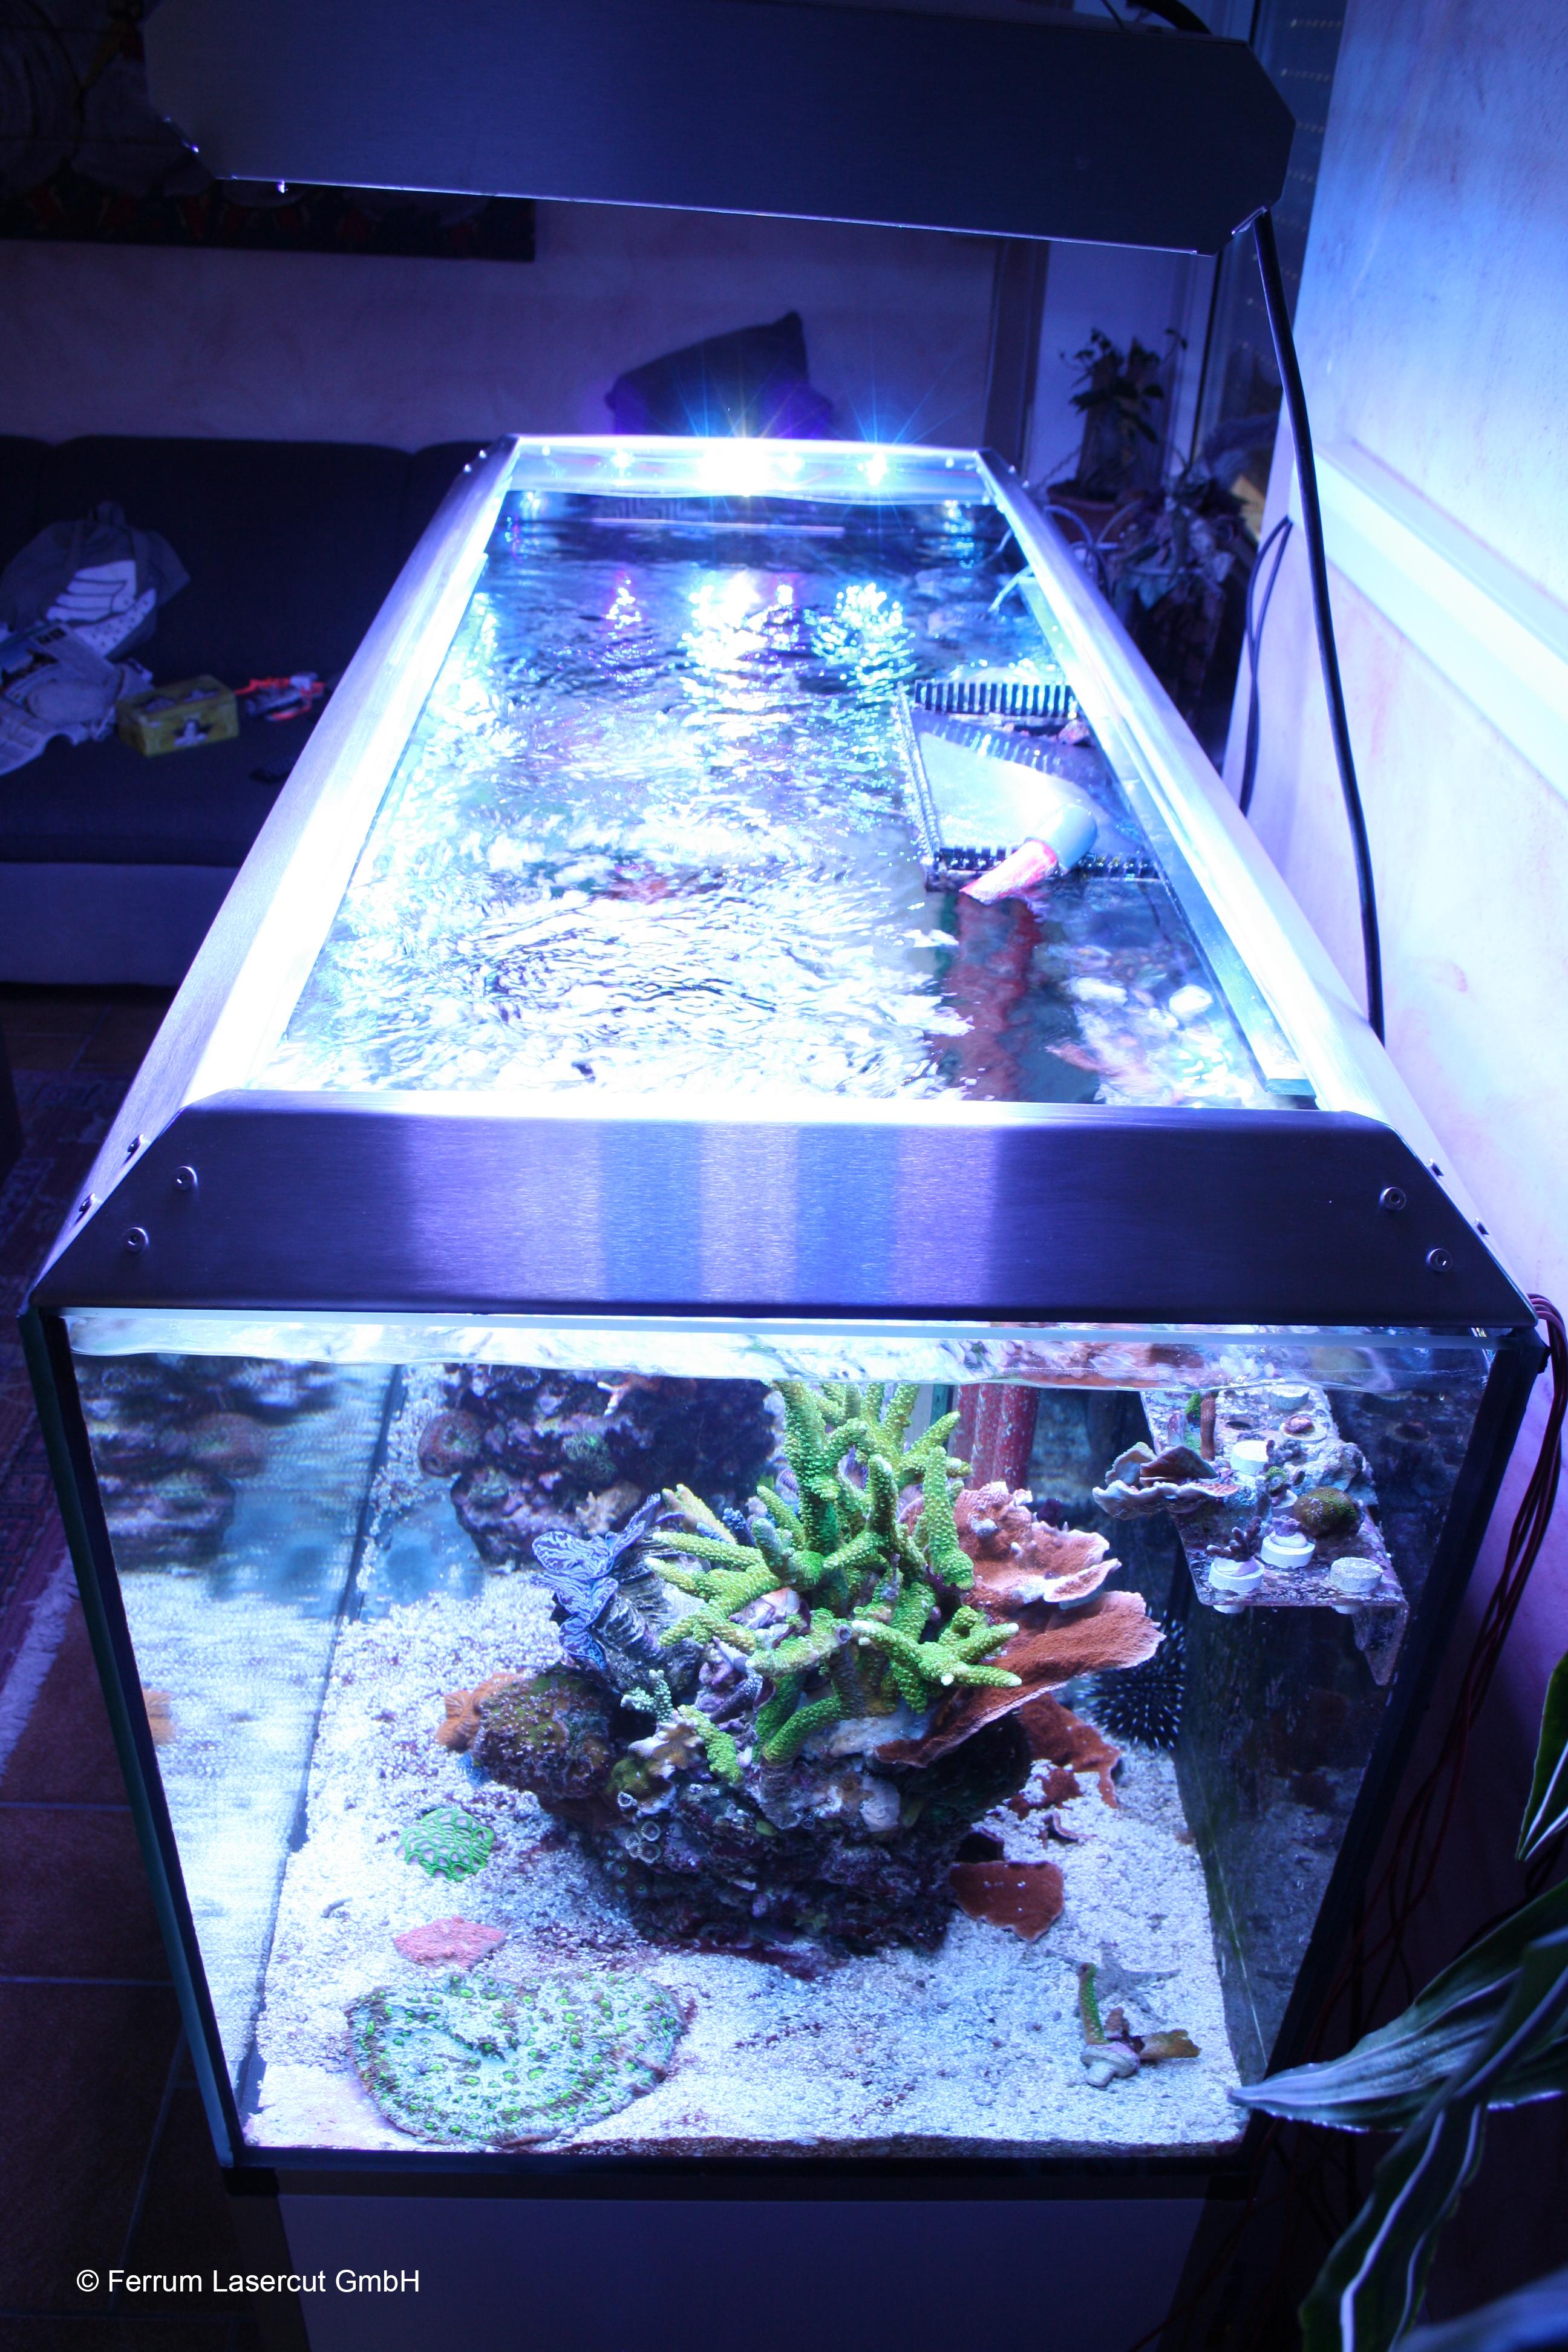 Aquarium abdeckung ferrum lasercut gmbh berlin for Aquarium abdeckung